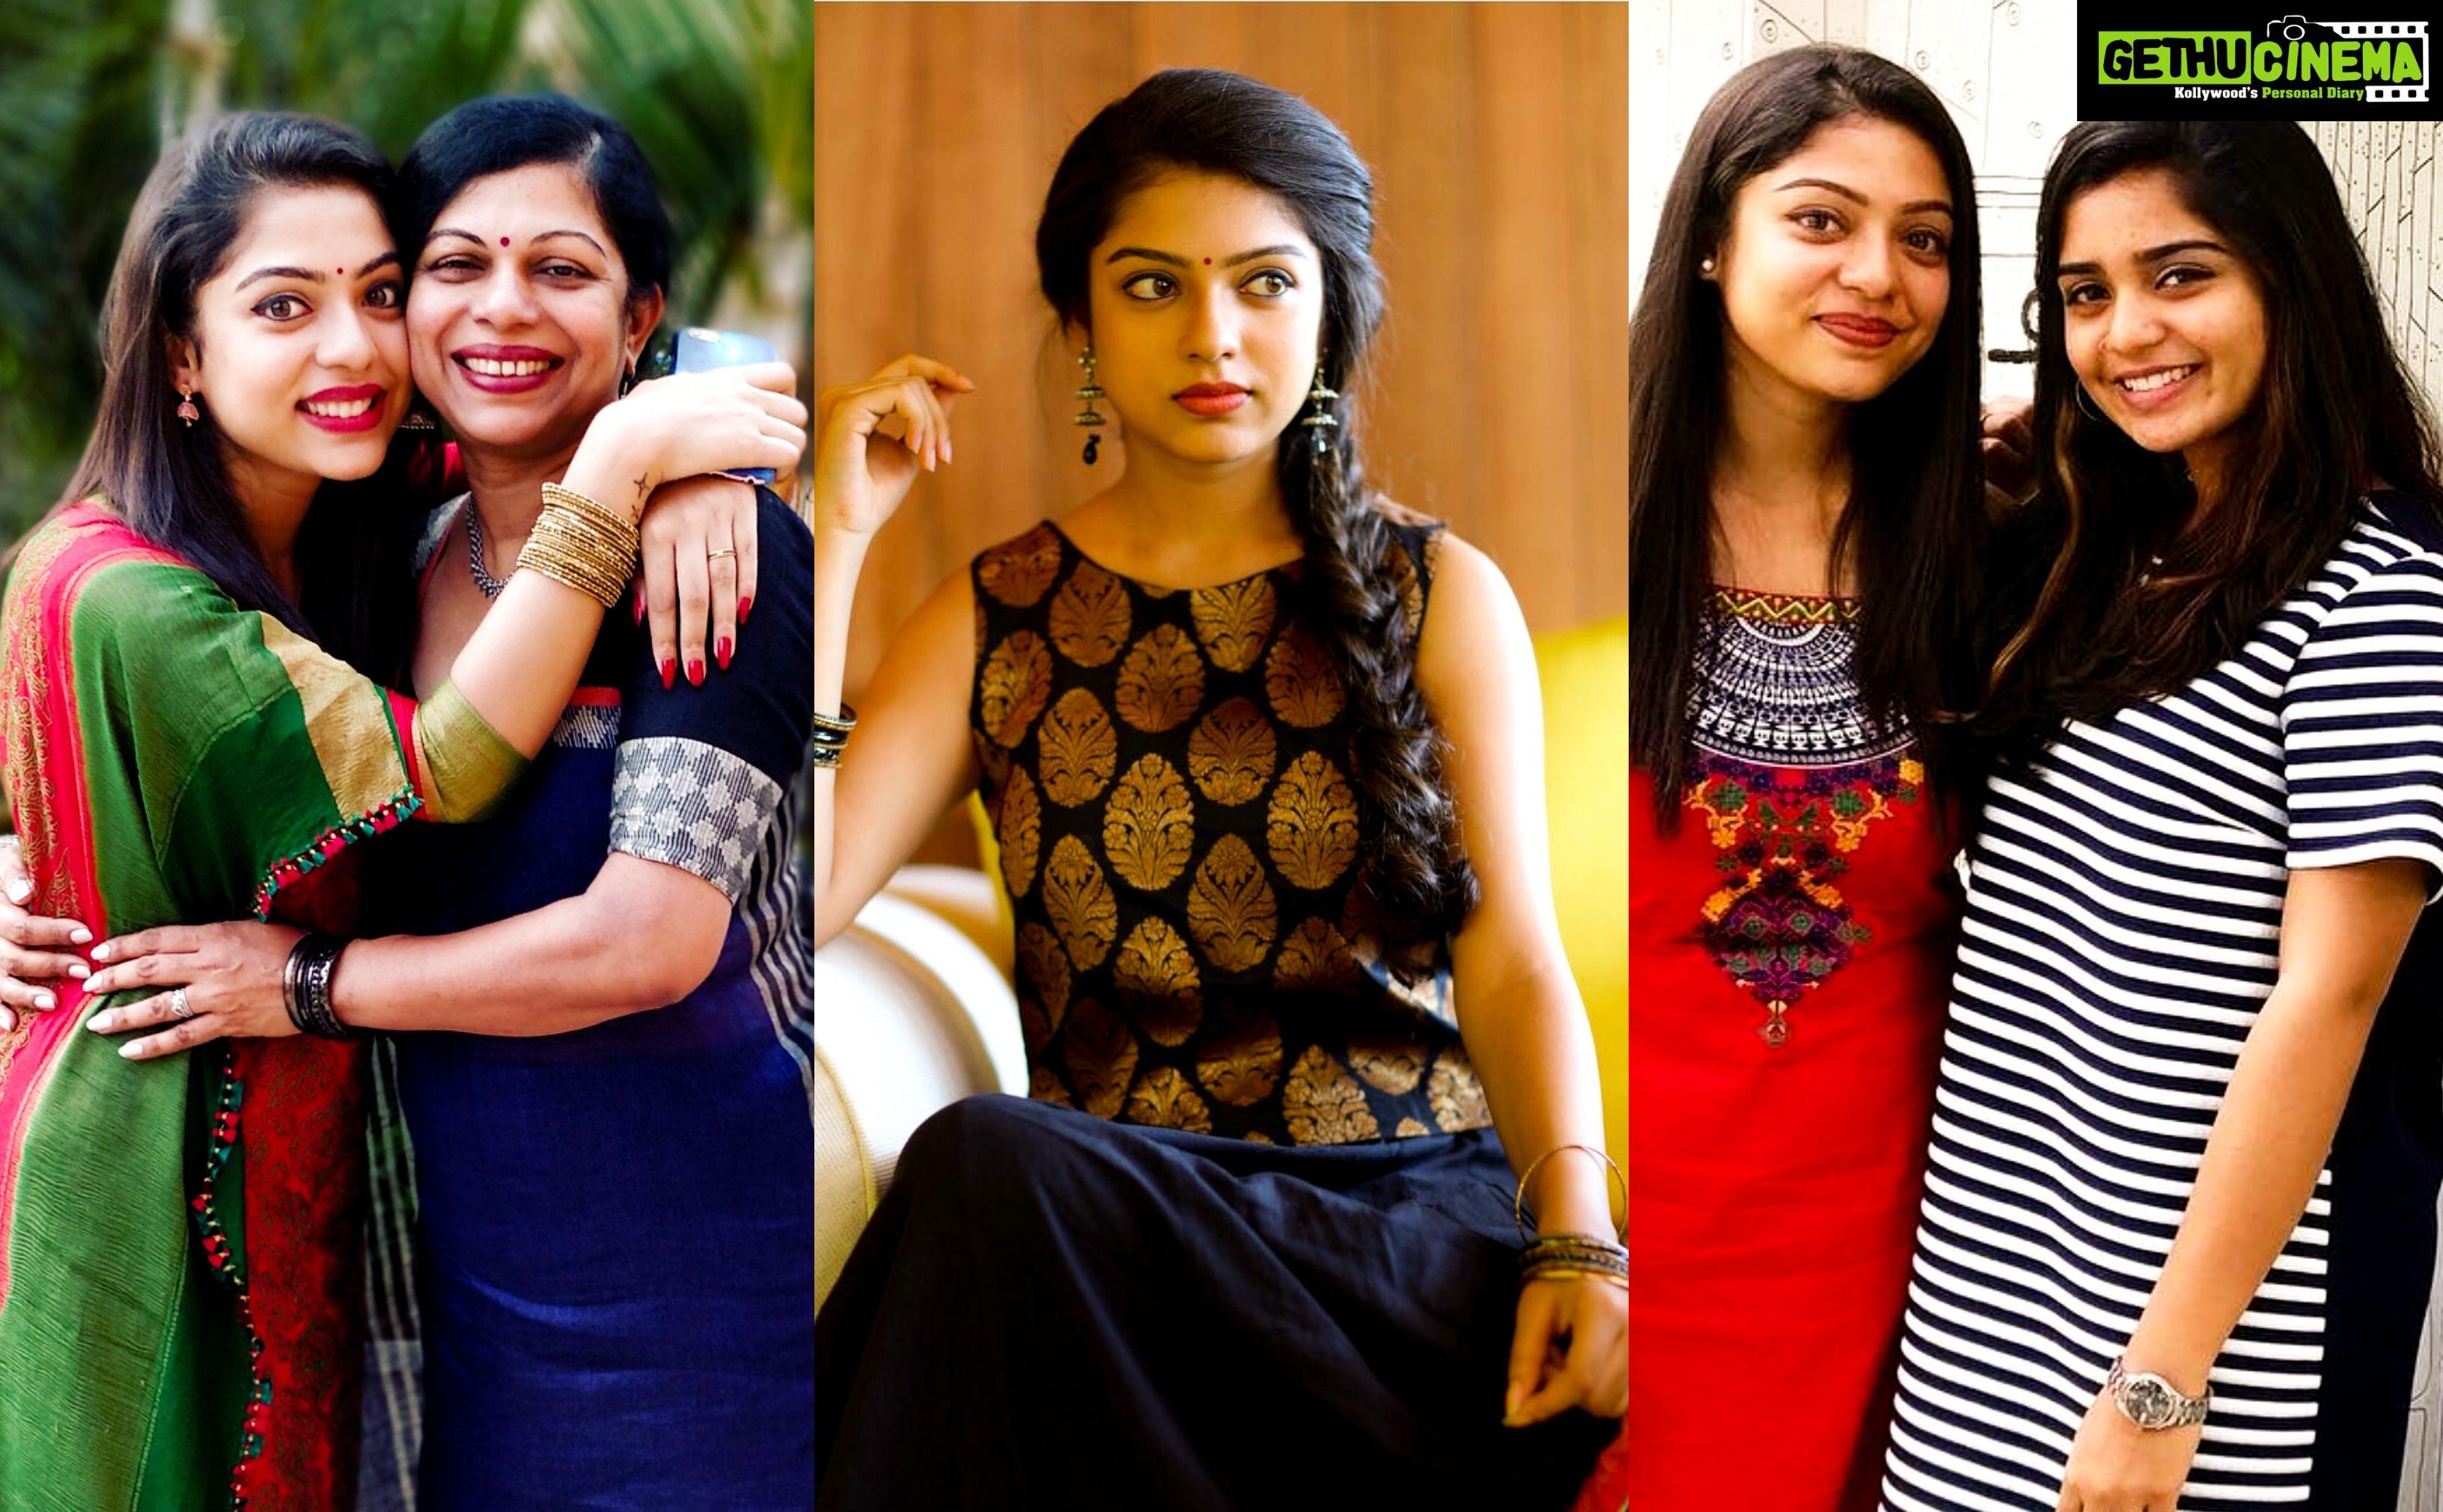 96 Seemathurai Movie Actress Varsha Bollamma Latest Hd Photos